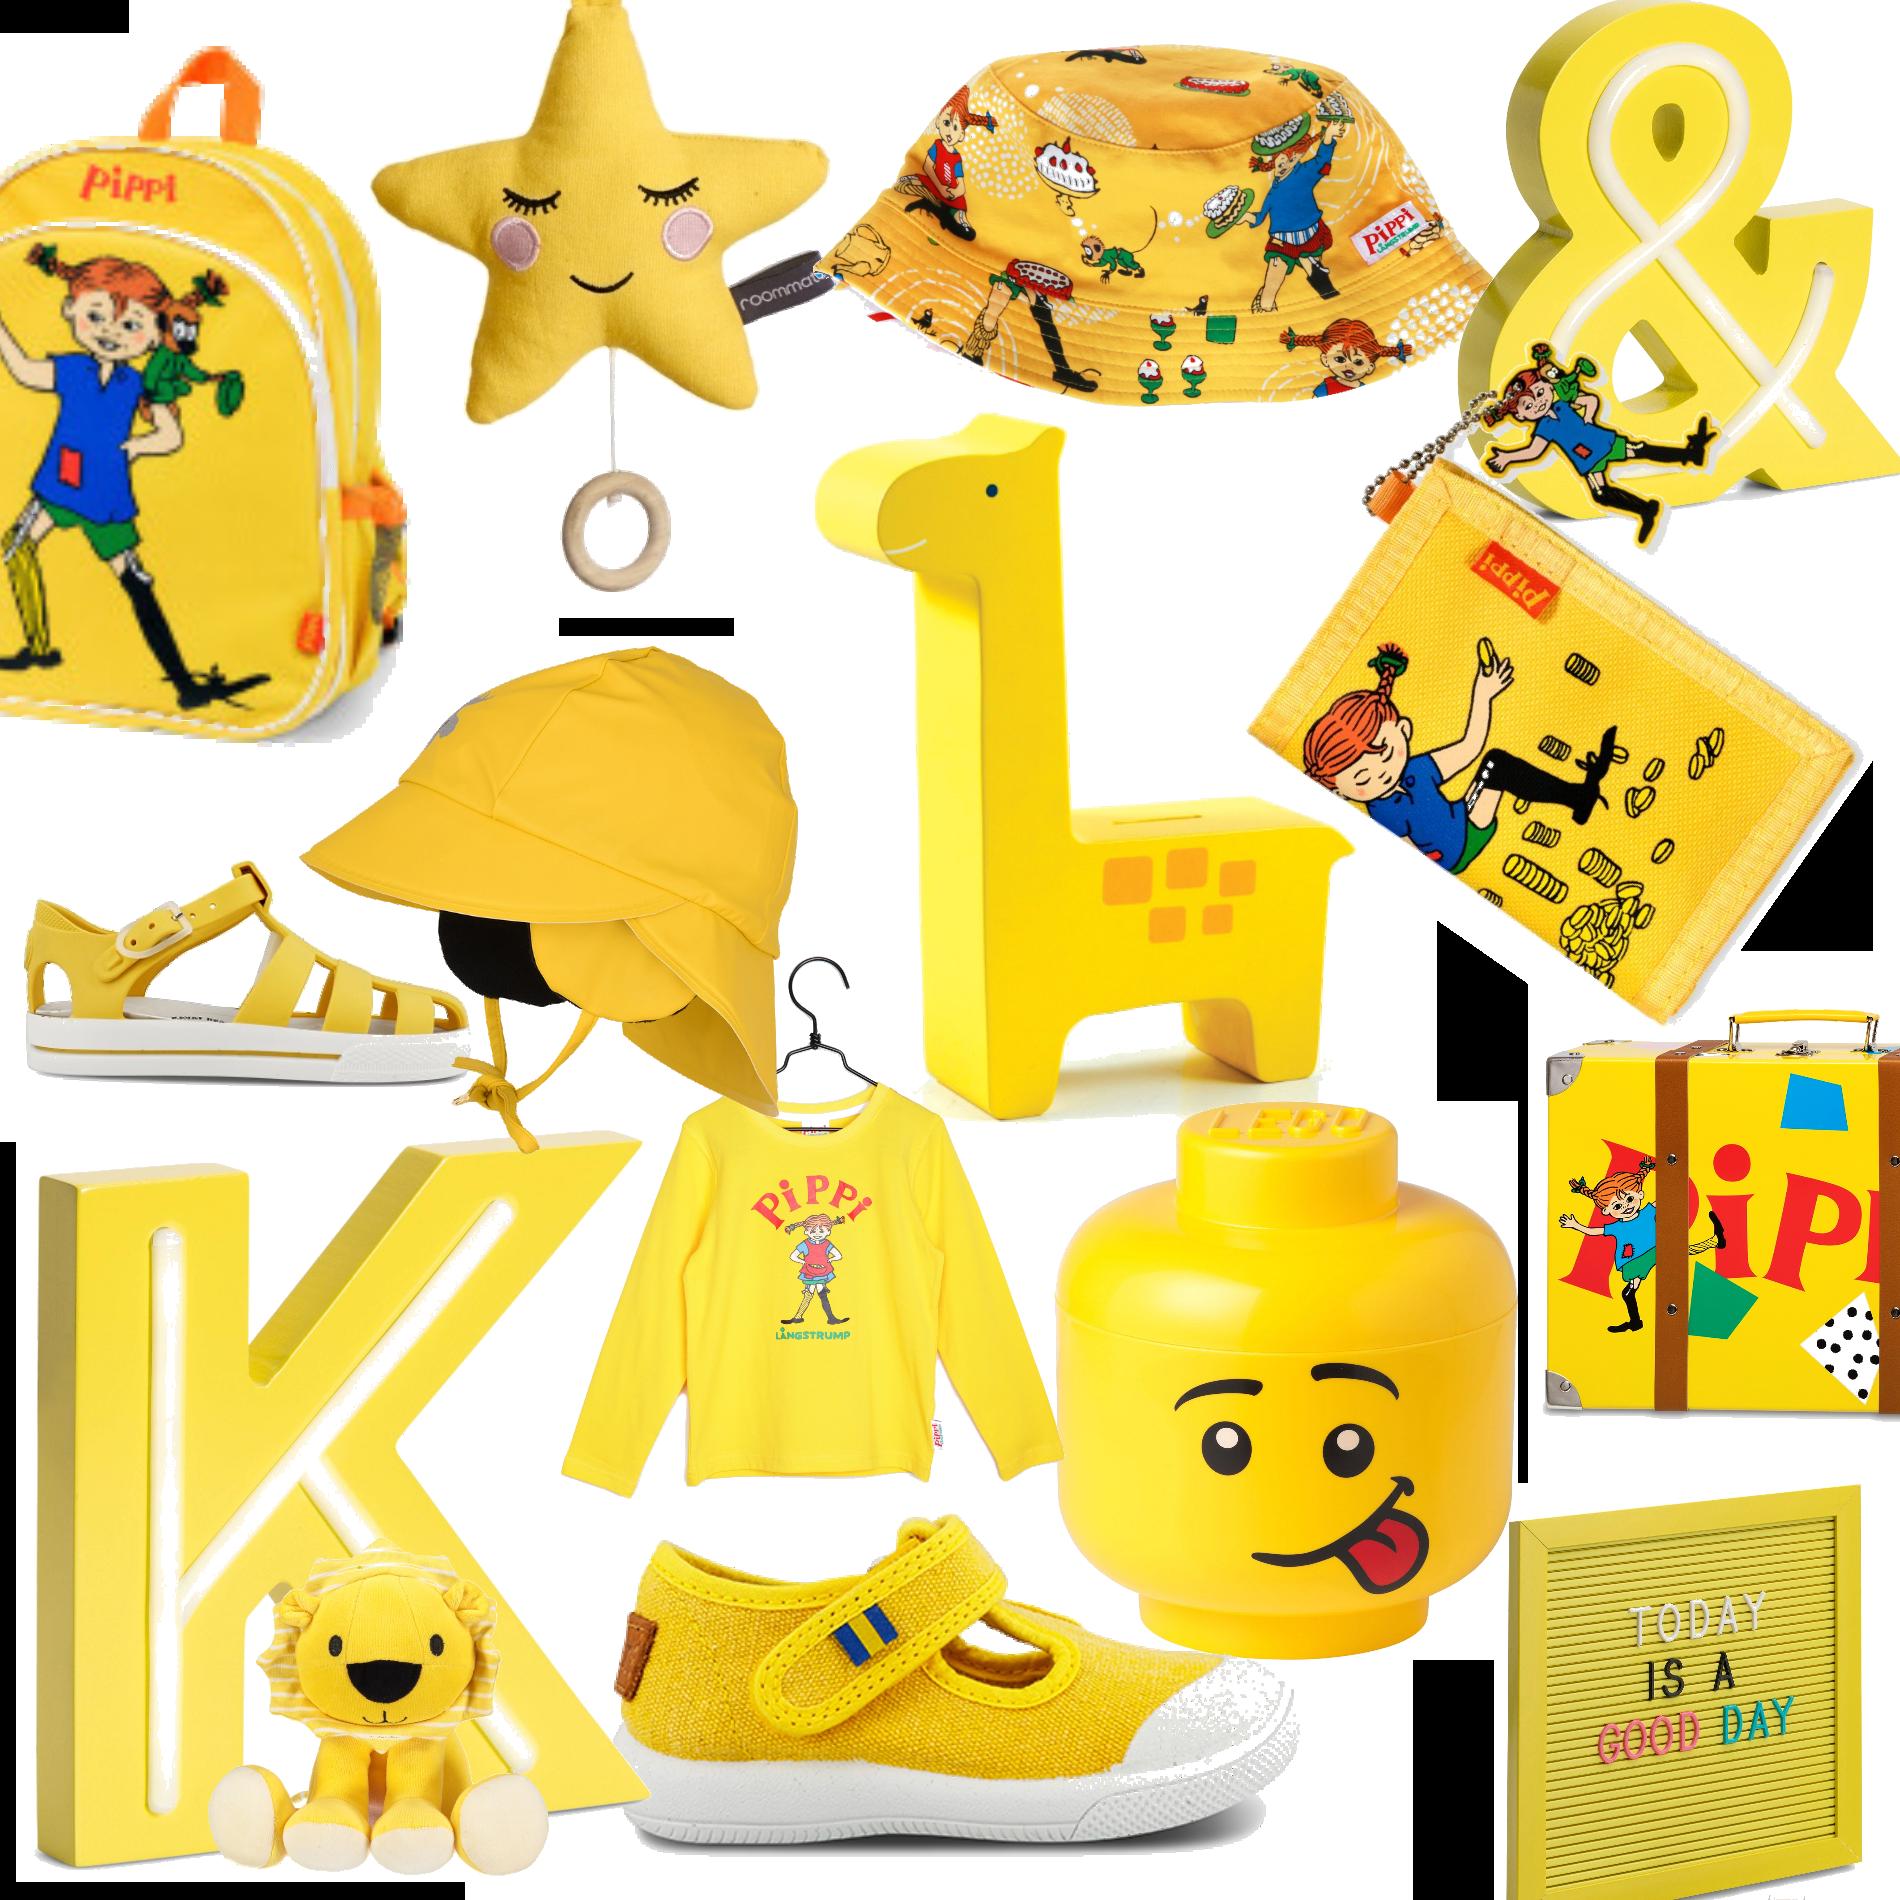 Påsk, gult och pippi.